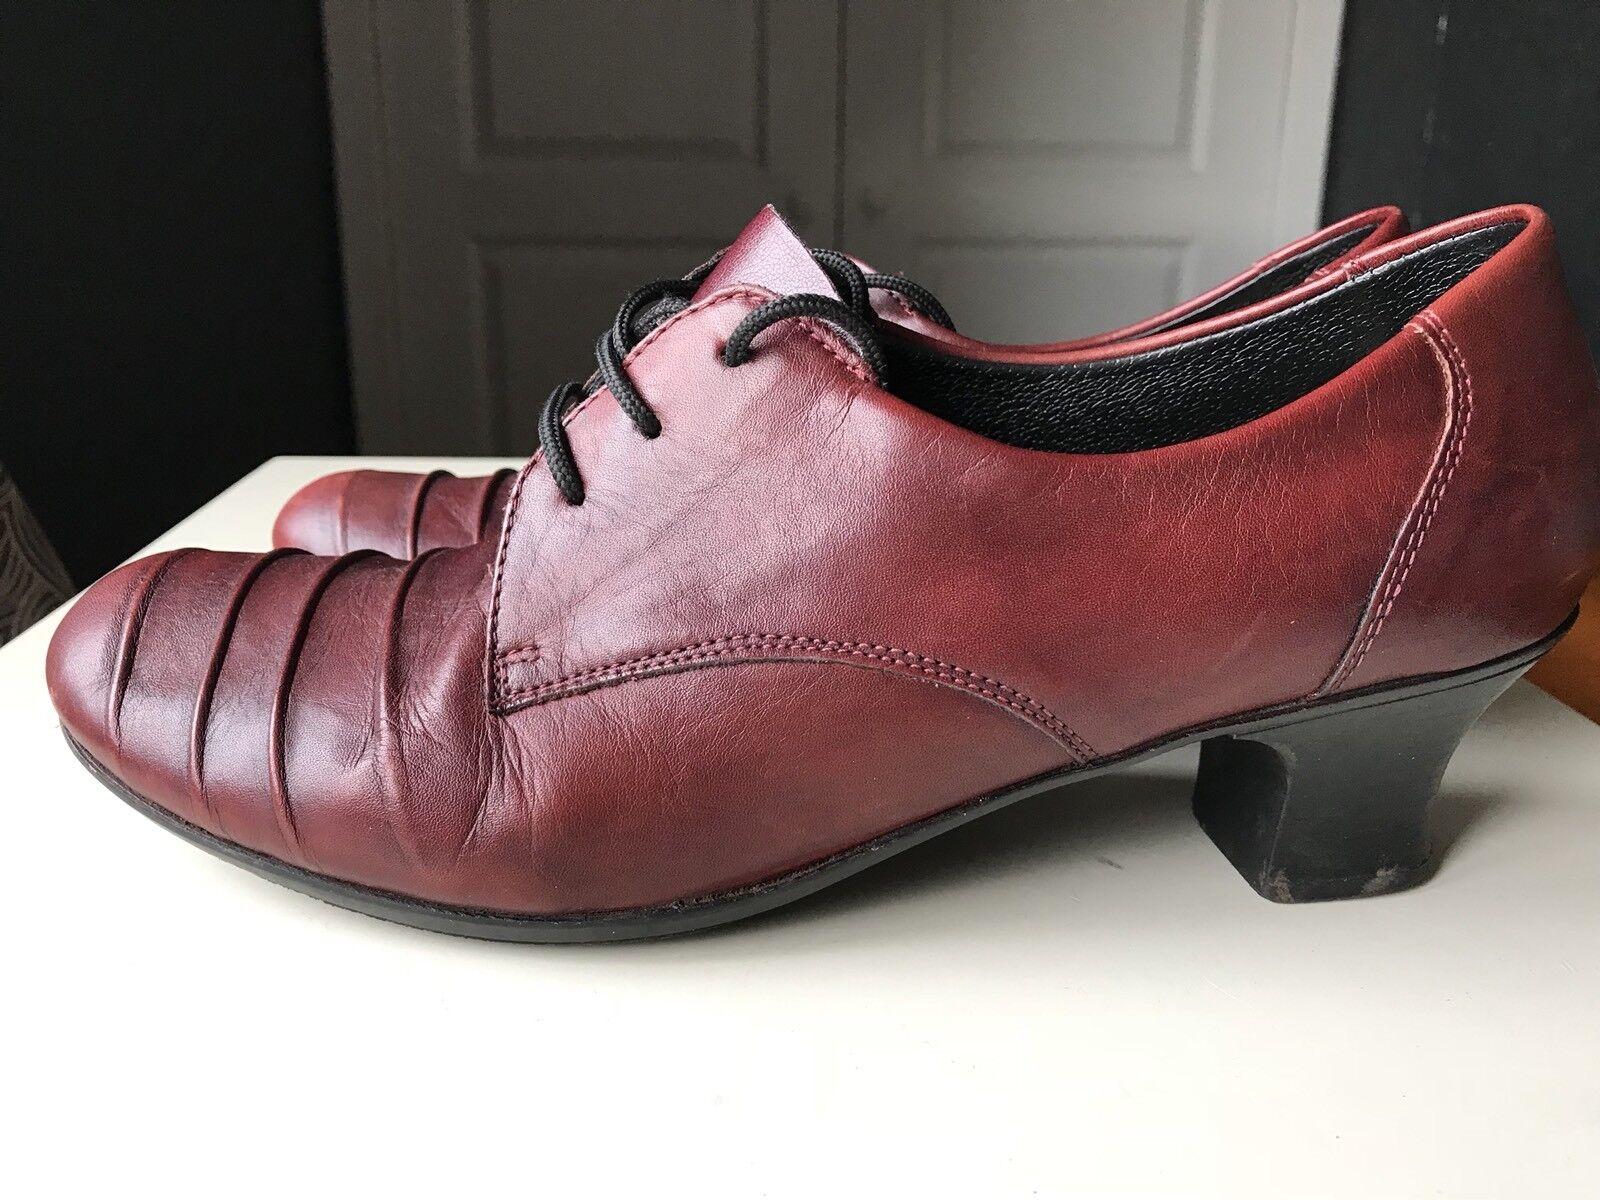 Rieker Designer Ladies Women Court High Heel Shoe Leather Burgundy Size 6.5 40